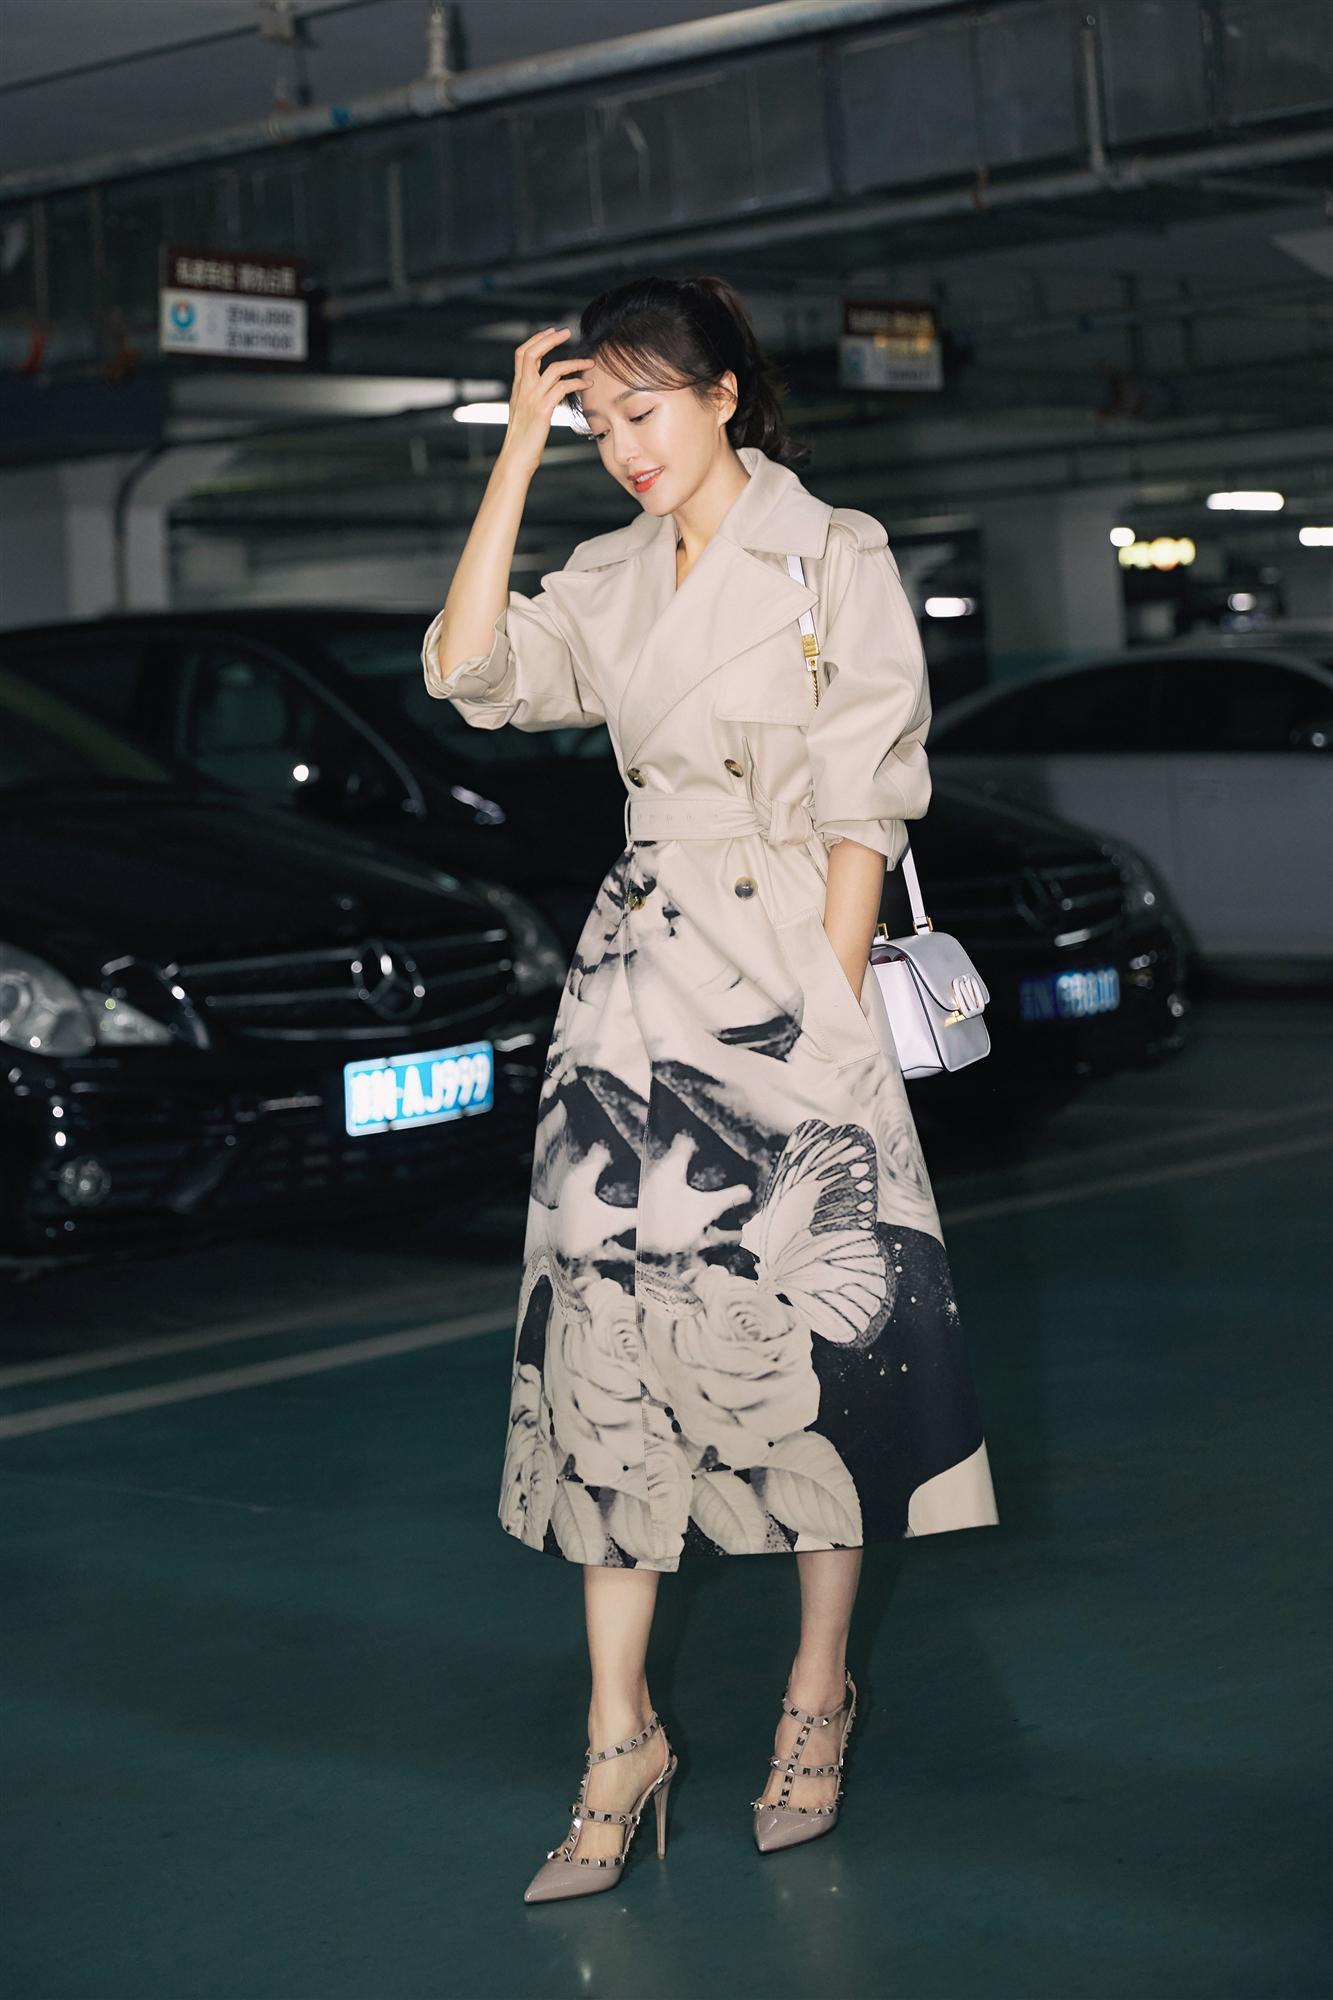 秦岚启程巴黎时装周 驼色风衣打造秋日浪漫质感时尚